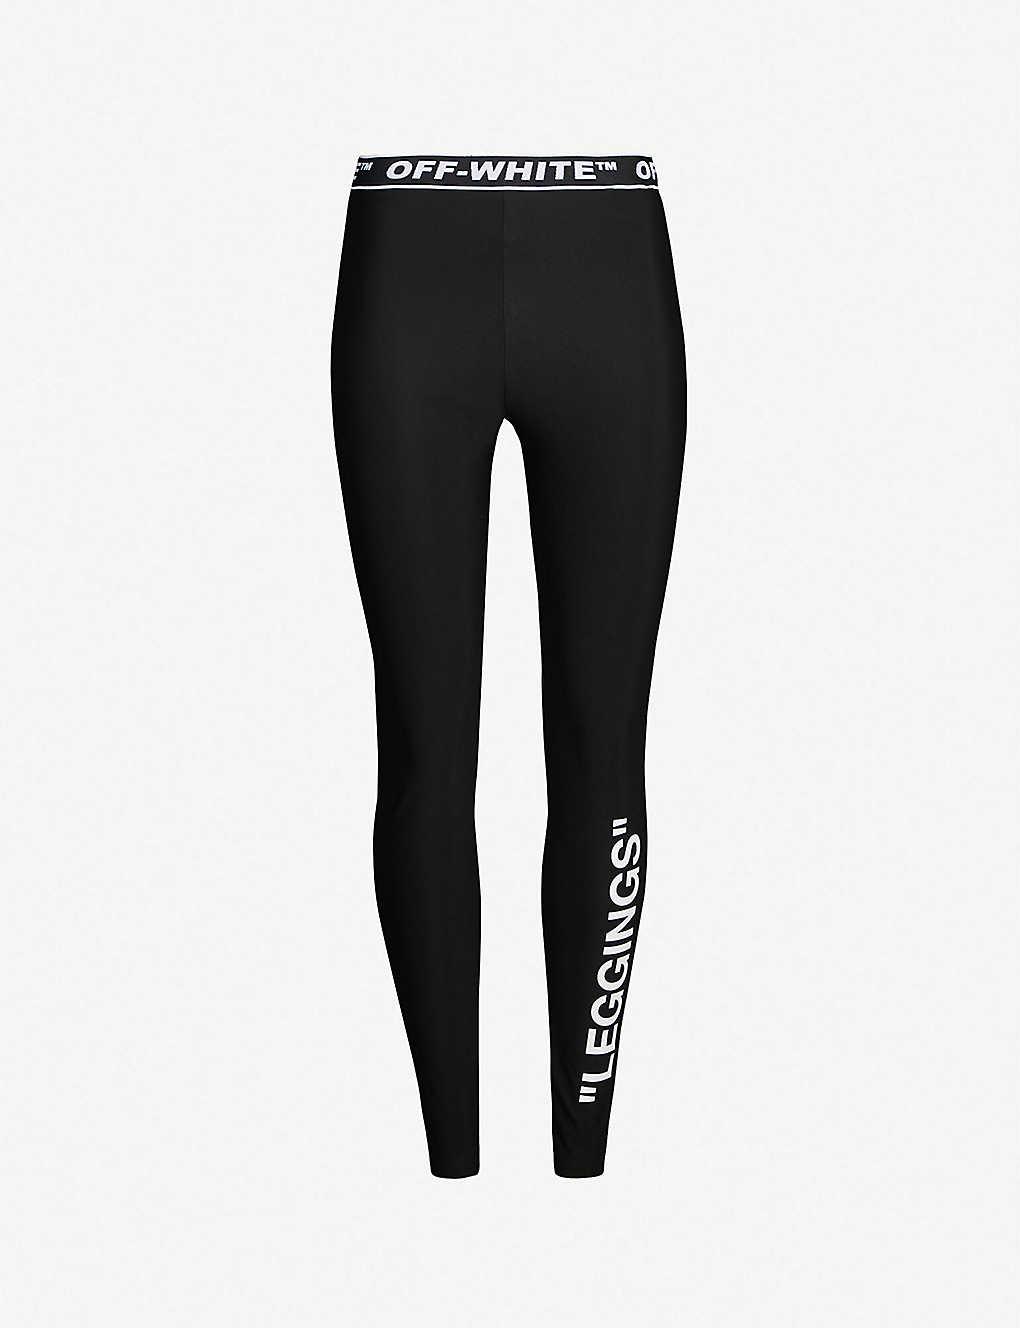 3fe0ec5260896 OFF-WHITE C/O VIRGIL ABLOH - Leggings-print stretch leggings ...